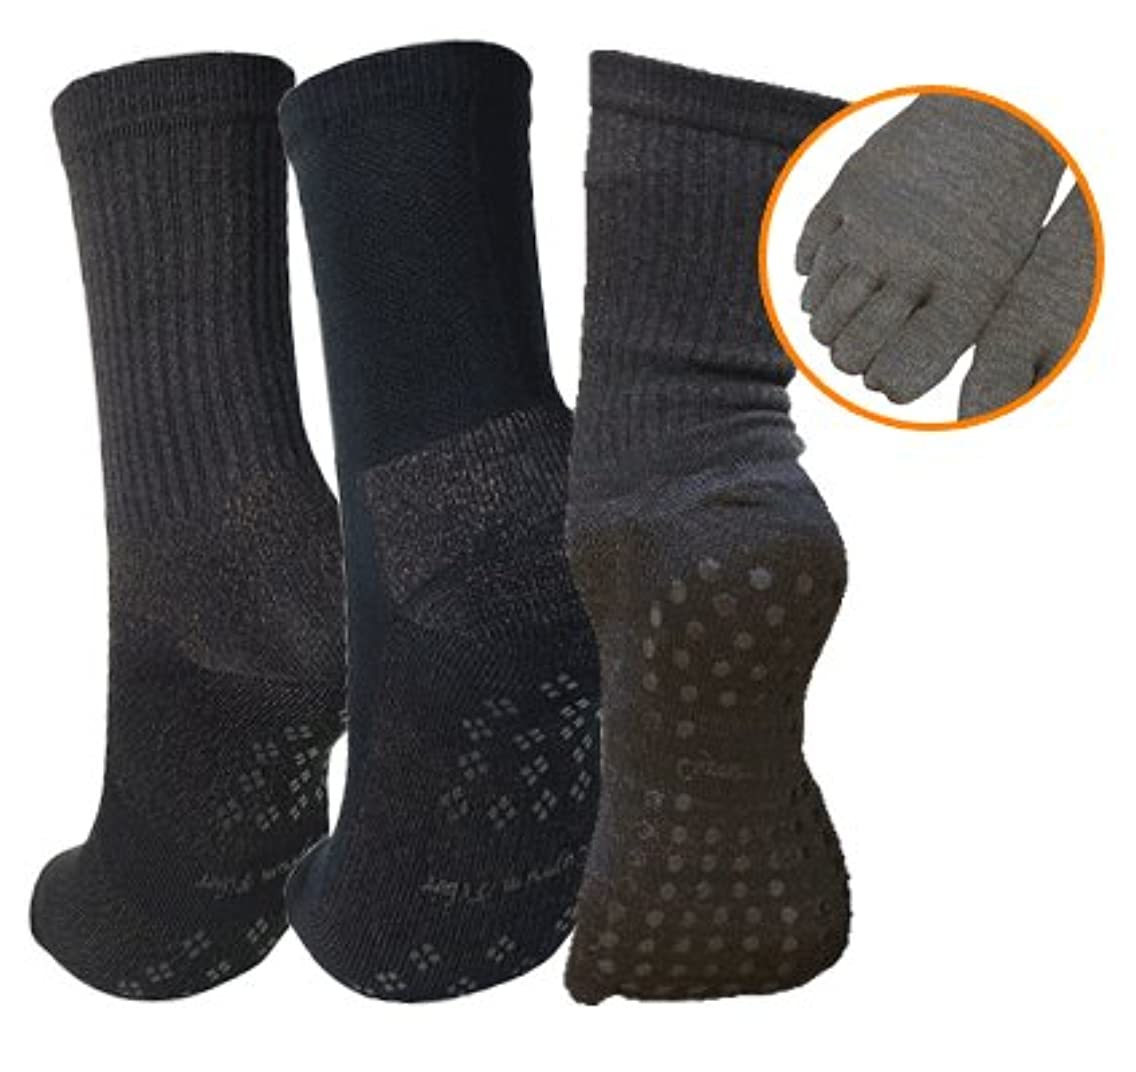 ボリュームストレスの多い送った銅繊維靴下「足もとはいつも青春」 女性専用お得お試し3点セット 【しもやけ対策に】